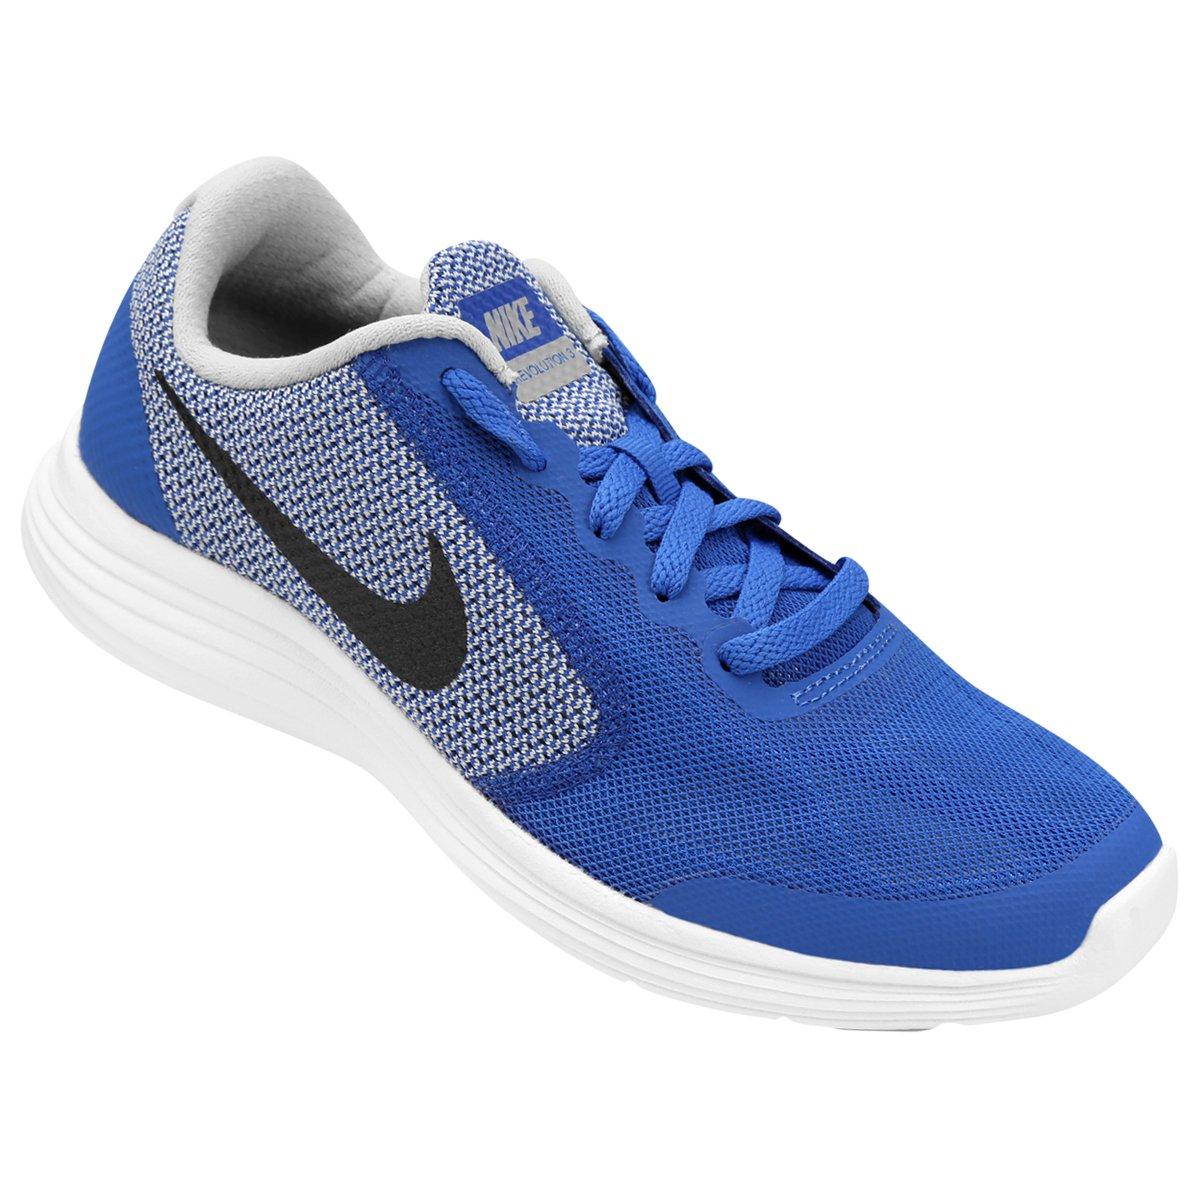 66488ef6b42 Tênis Infantil Nike Revolution 3 - Compre Agora